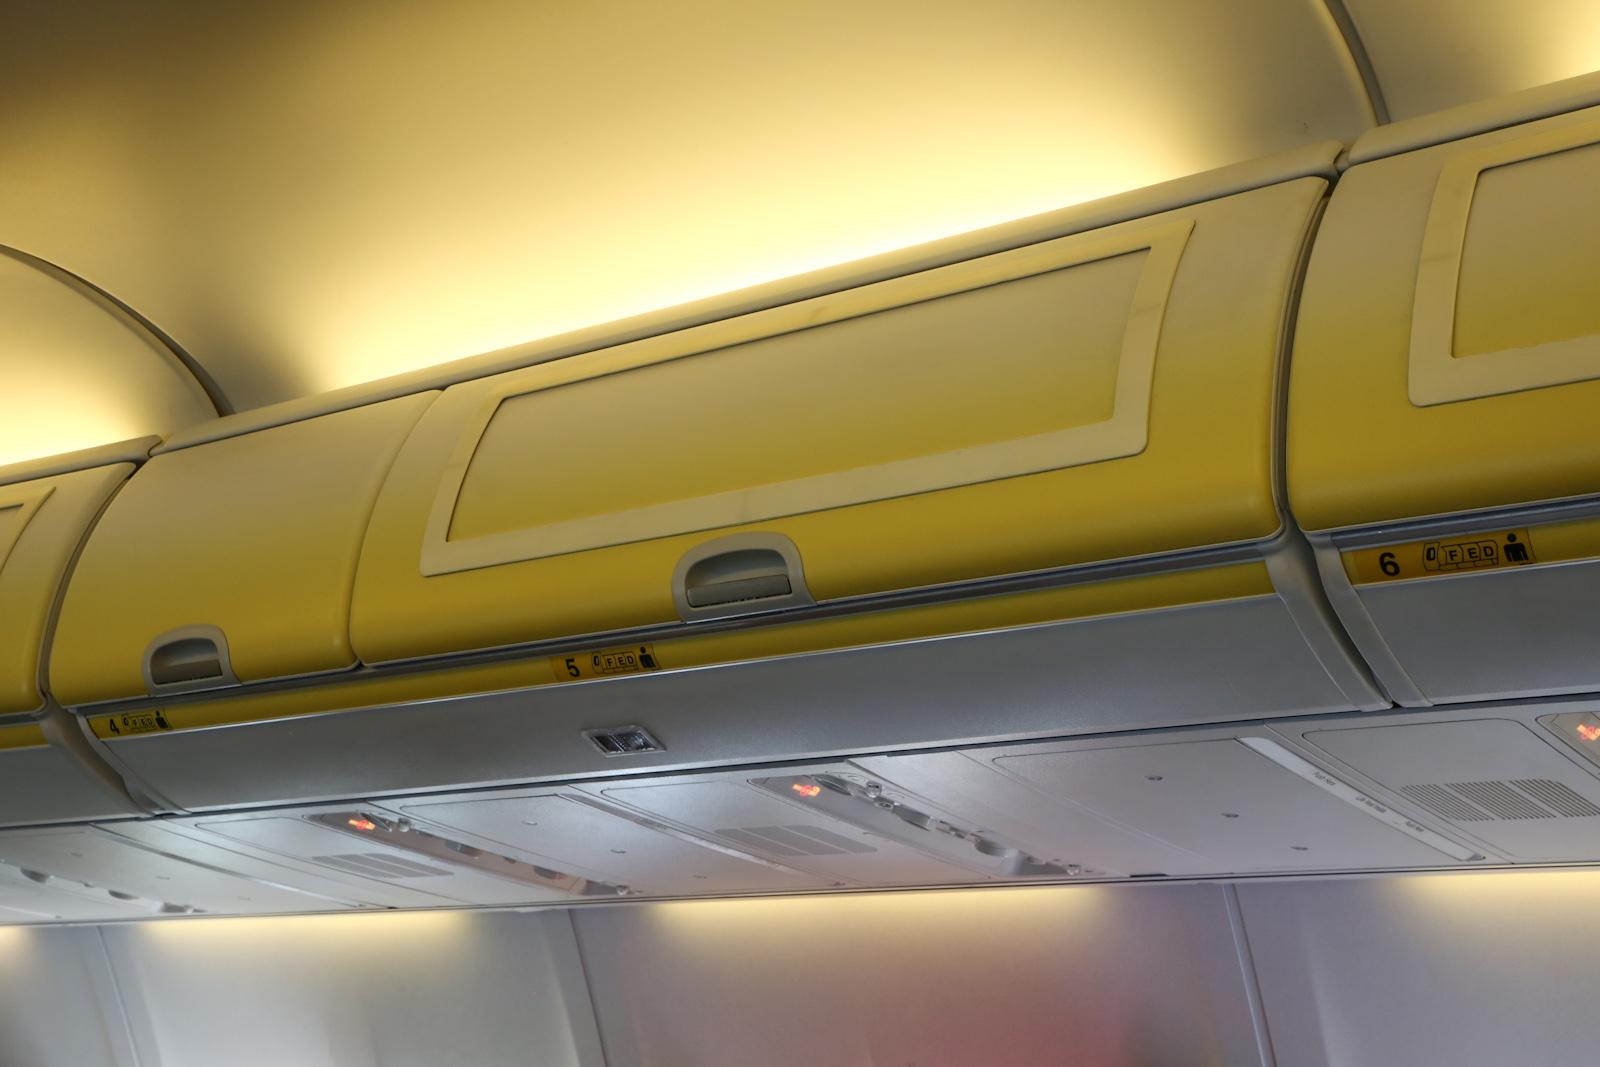 Багажные полки в самолете Боинг-737-800 авиакомпании Ryanair